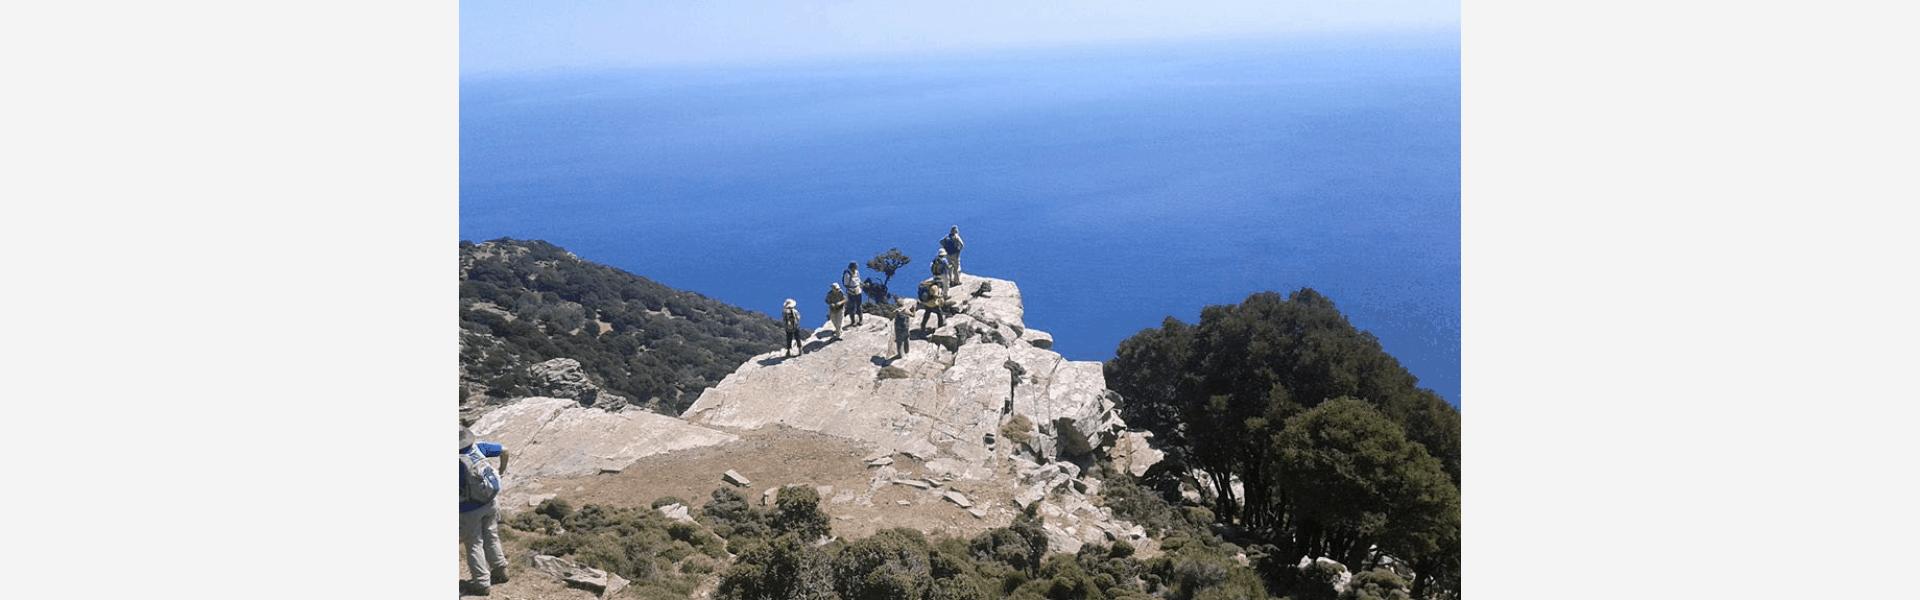 Ορειβατικός Σύλλογος Λουτρακίου - Θεματικός Τουρισμός